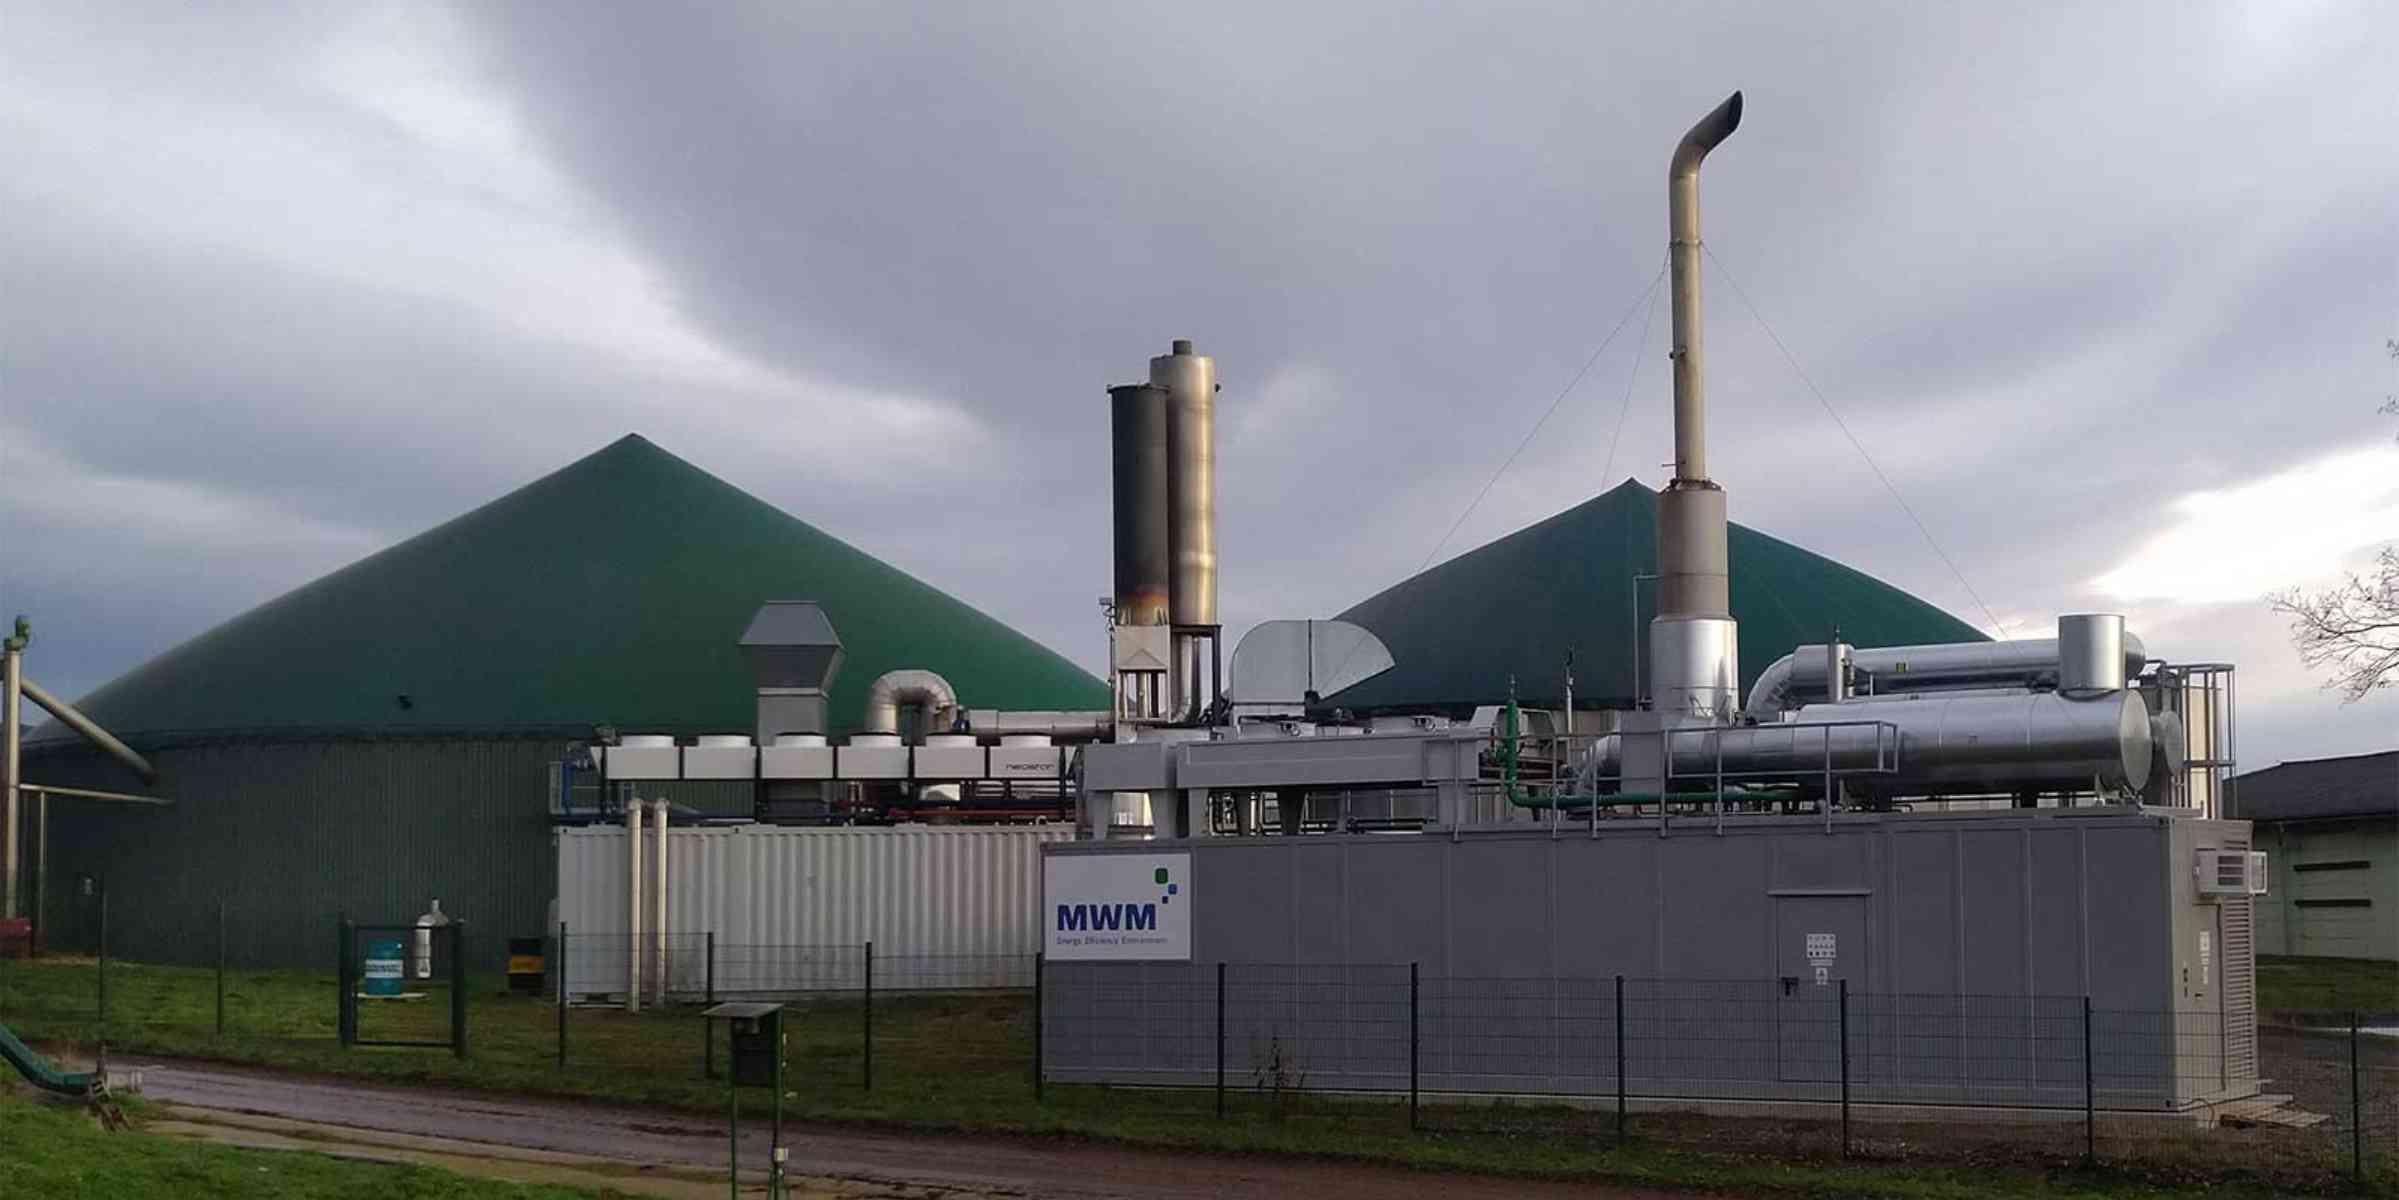 Nooren Bioenergie Verwaltungs GmbH, Sachsen-Anhalt